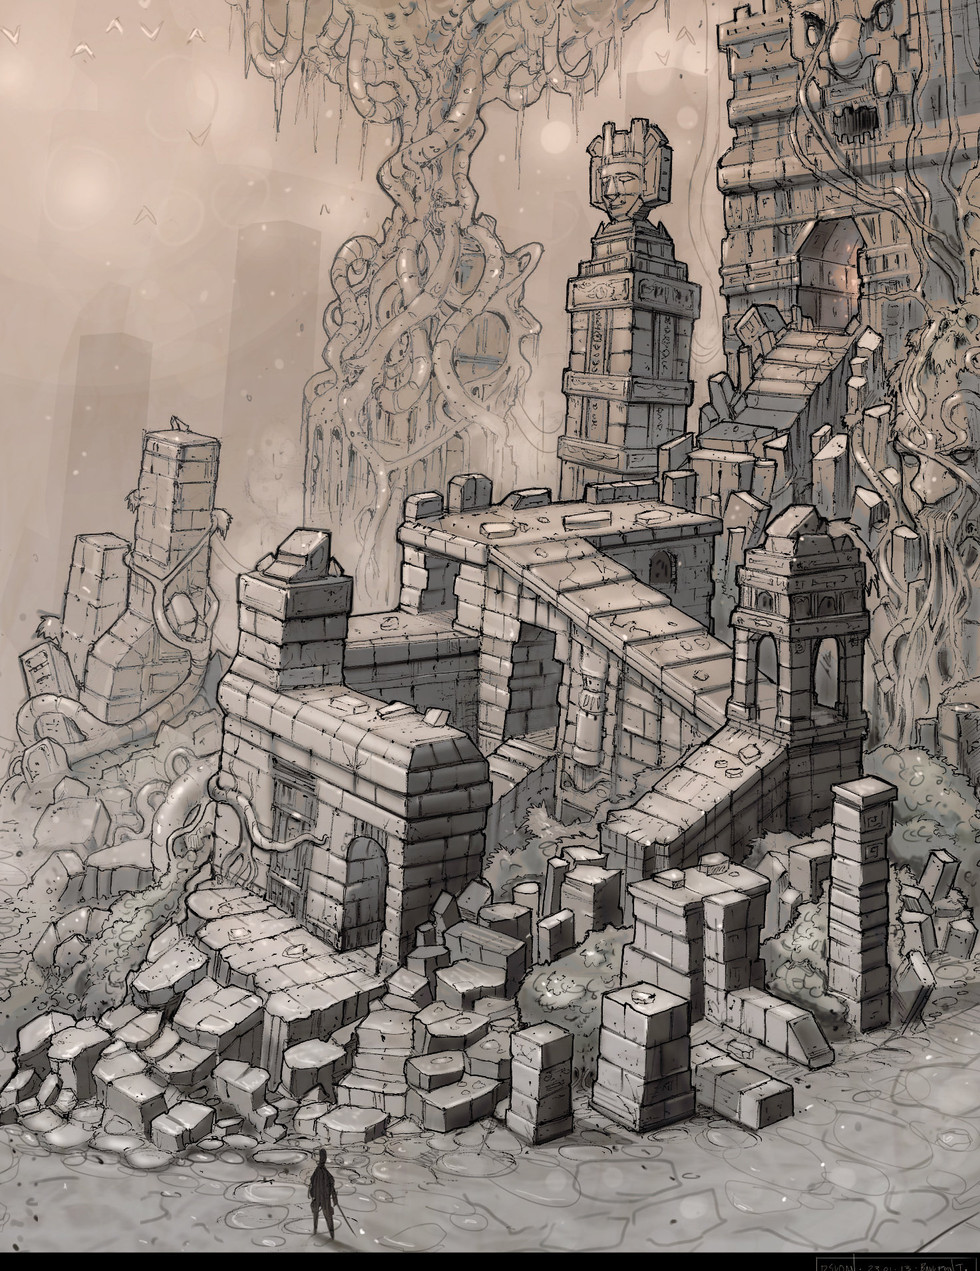 Temple Sketch 1